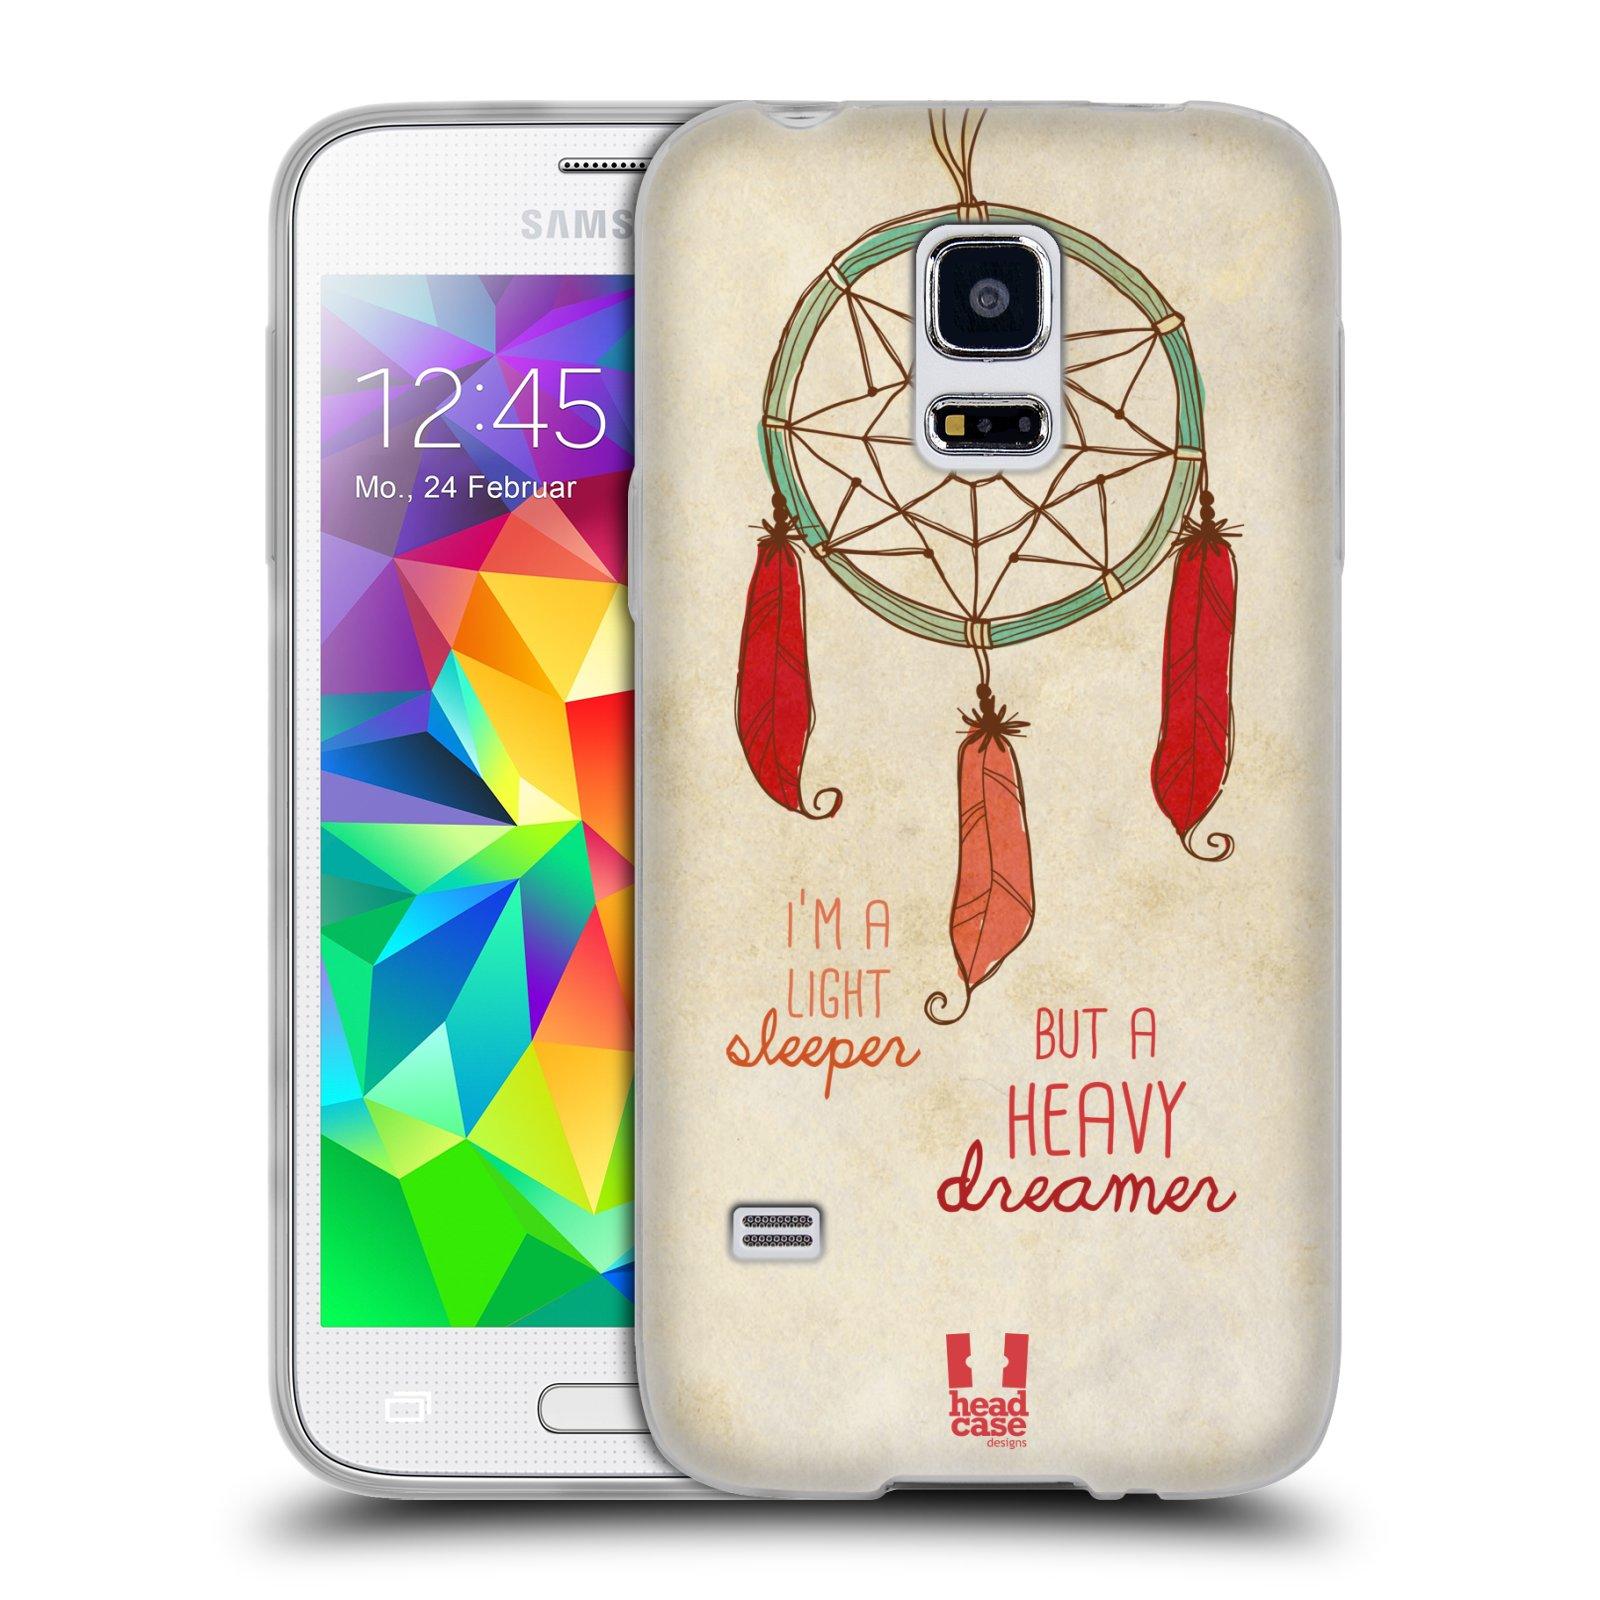 Silikonové pouzdro na mobil Samsung Galaxy S5 Mini HEAD CASE LAPAČ HEAVY DREAMER (Silikonový kryt či obal na mobilní telefon Samsung Galaxy S5 Mini SM-G800F)